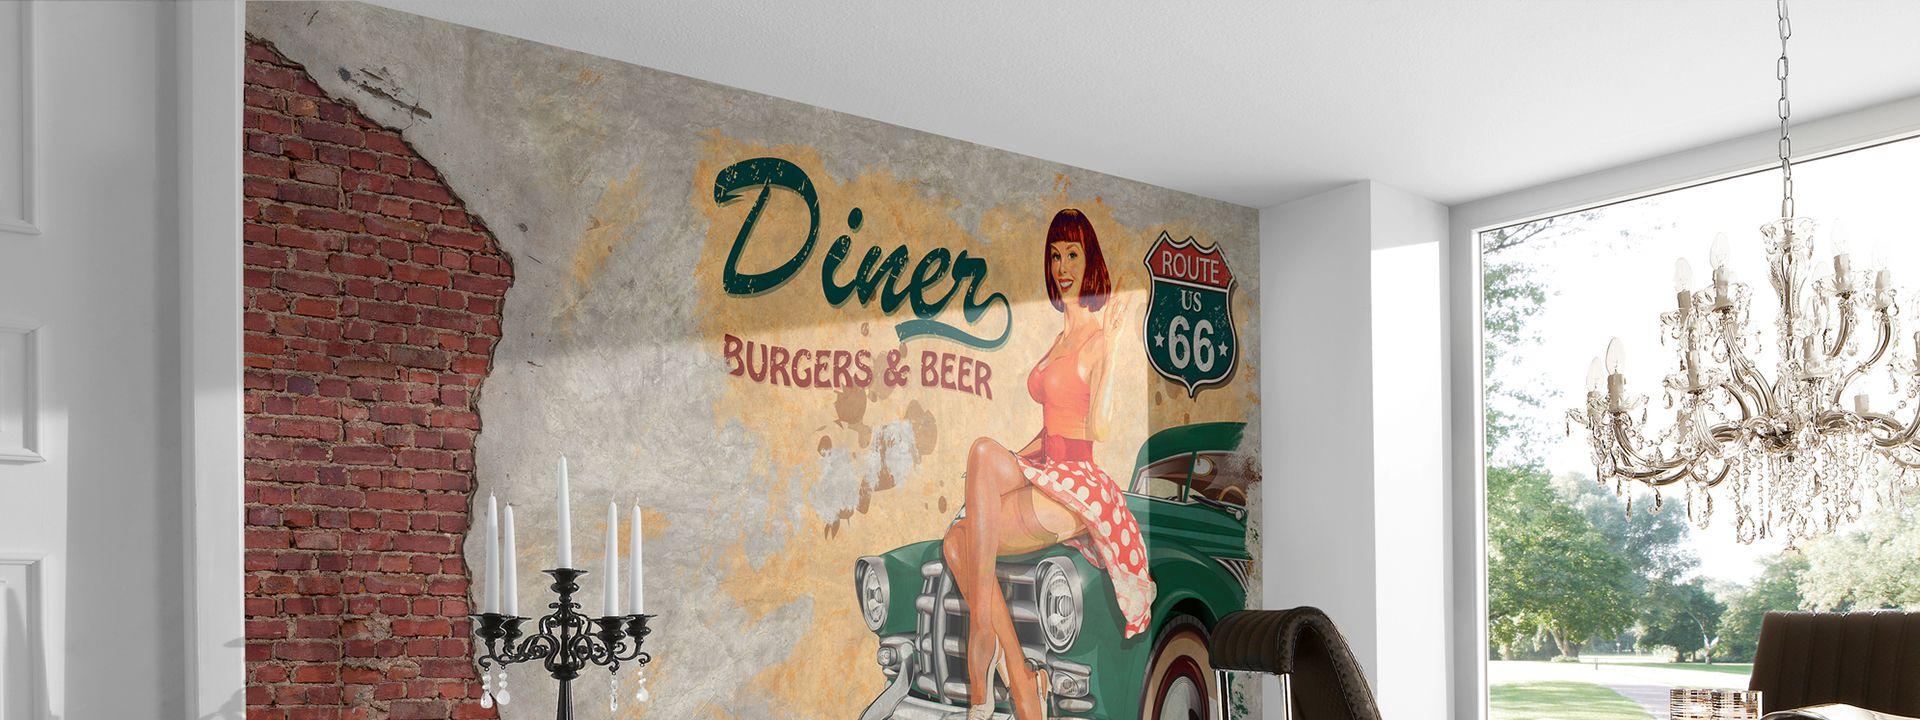 American Diner Fototapete für Cafés und Restaurants DD105959